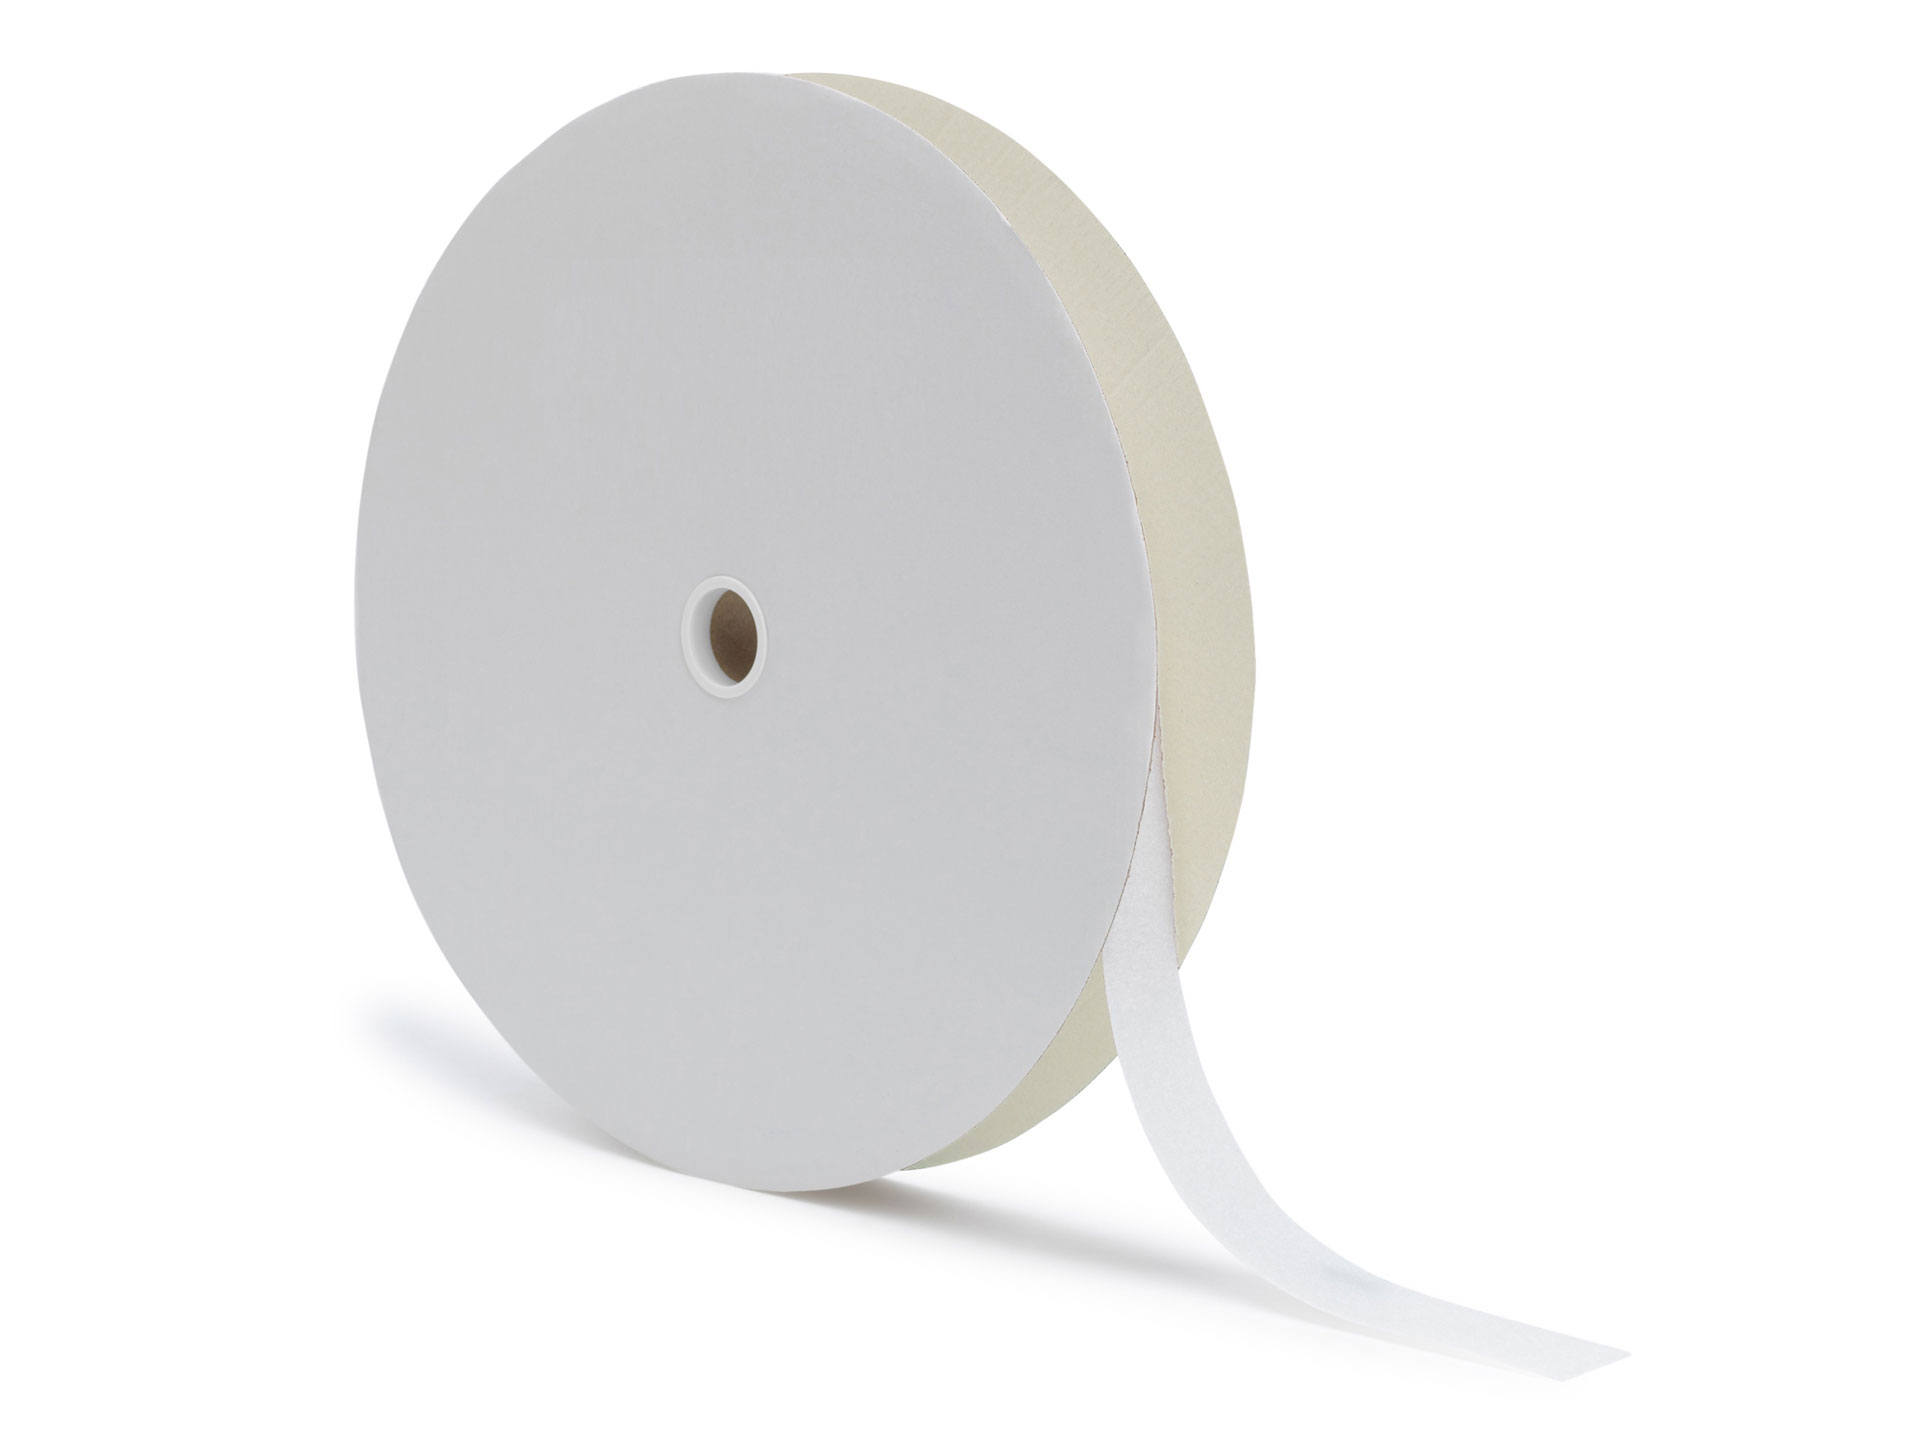 Rouleau de Velcro pour habillage de stand réutilisable